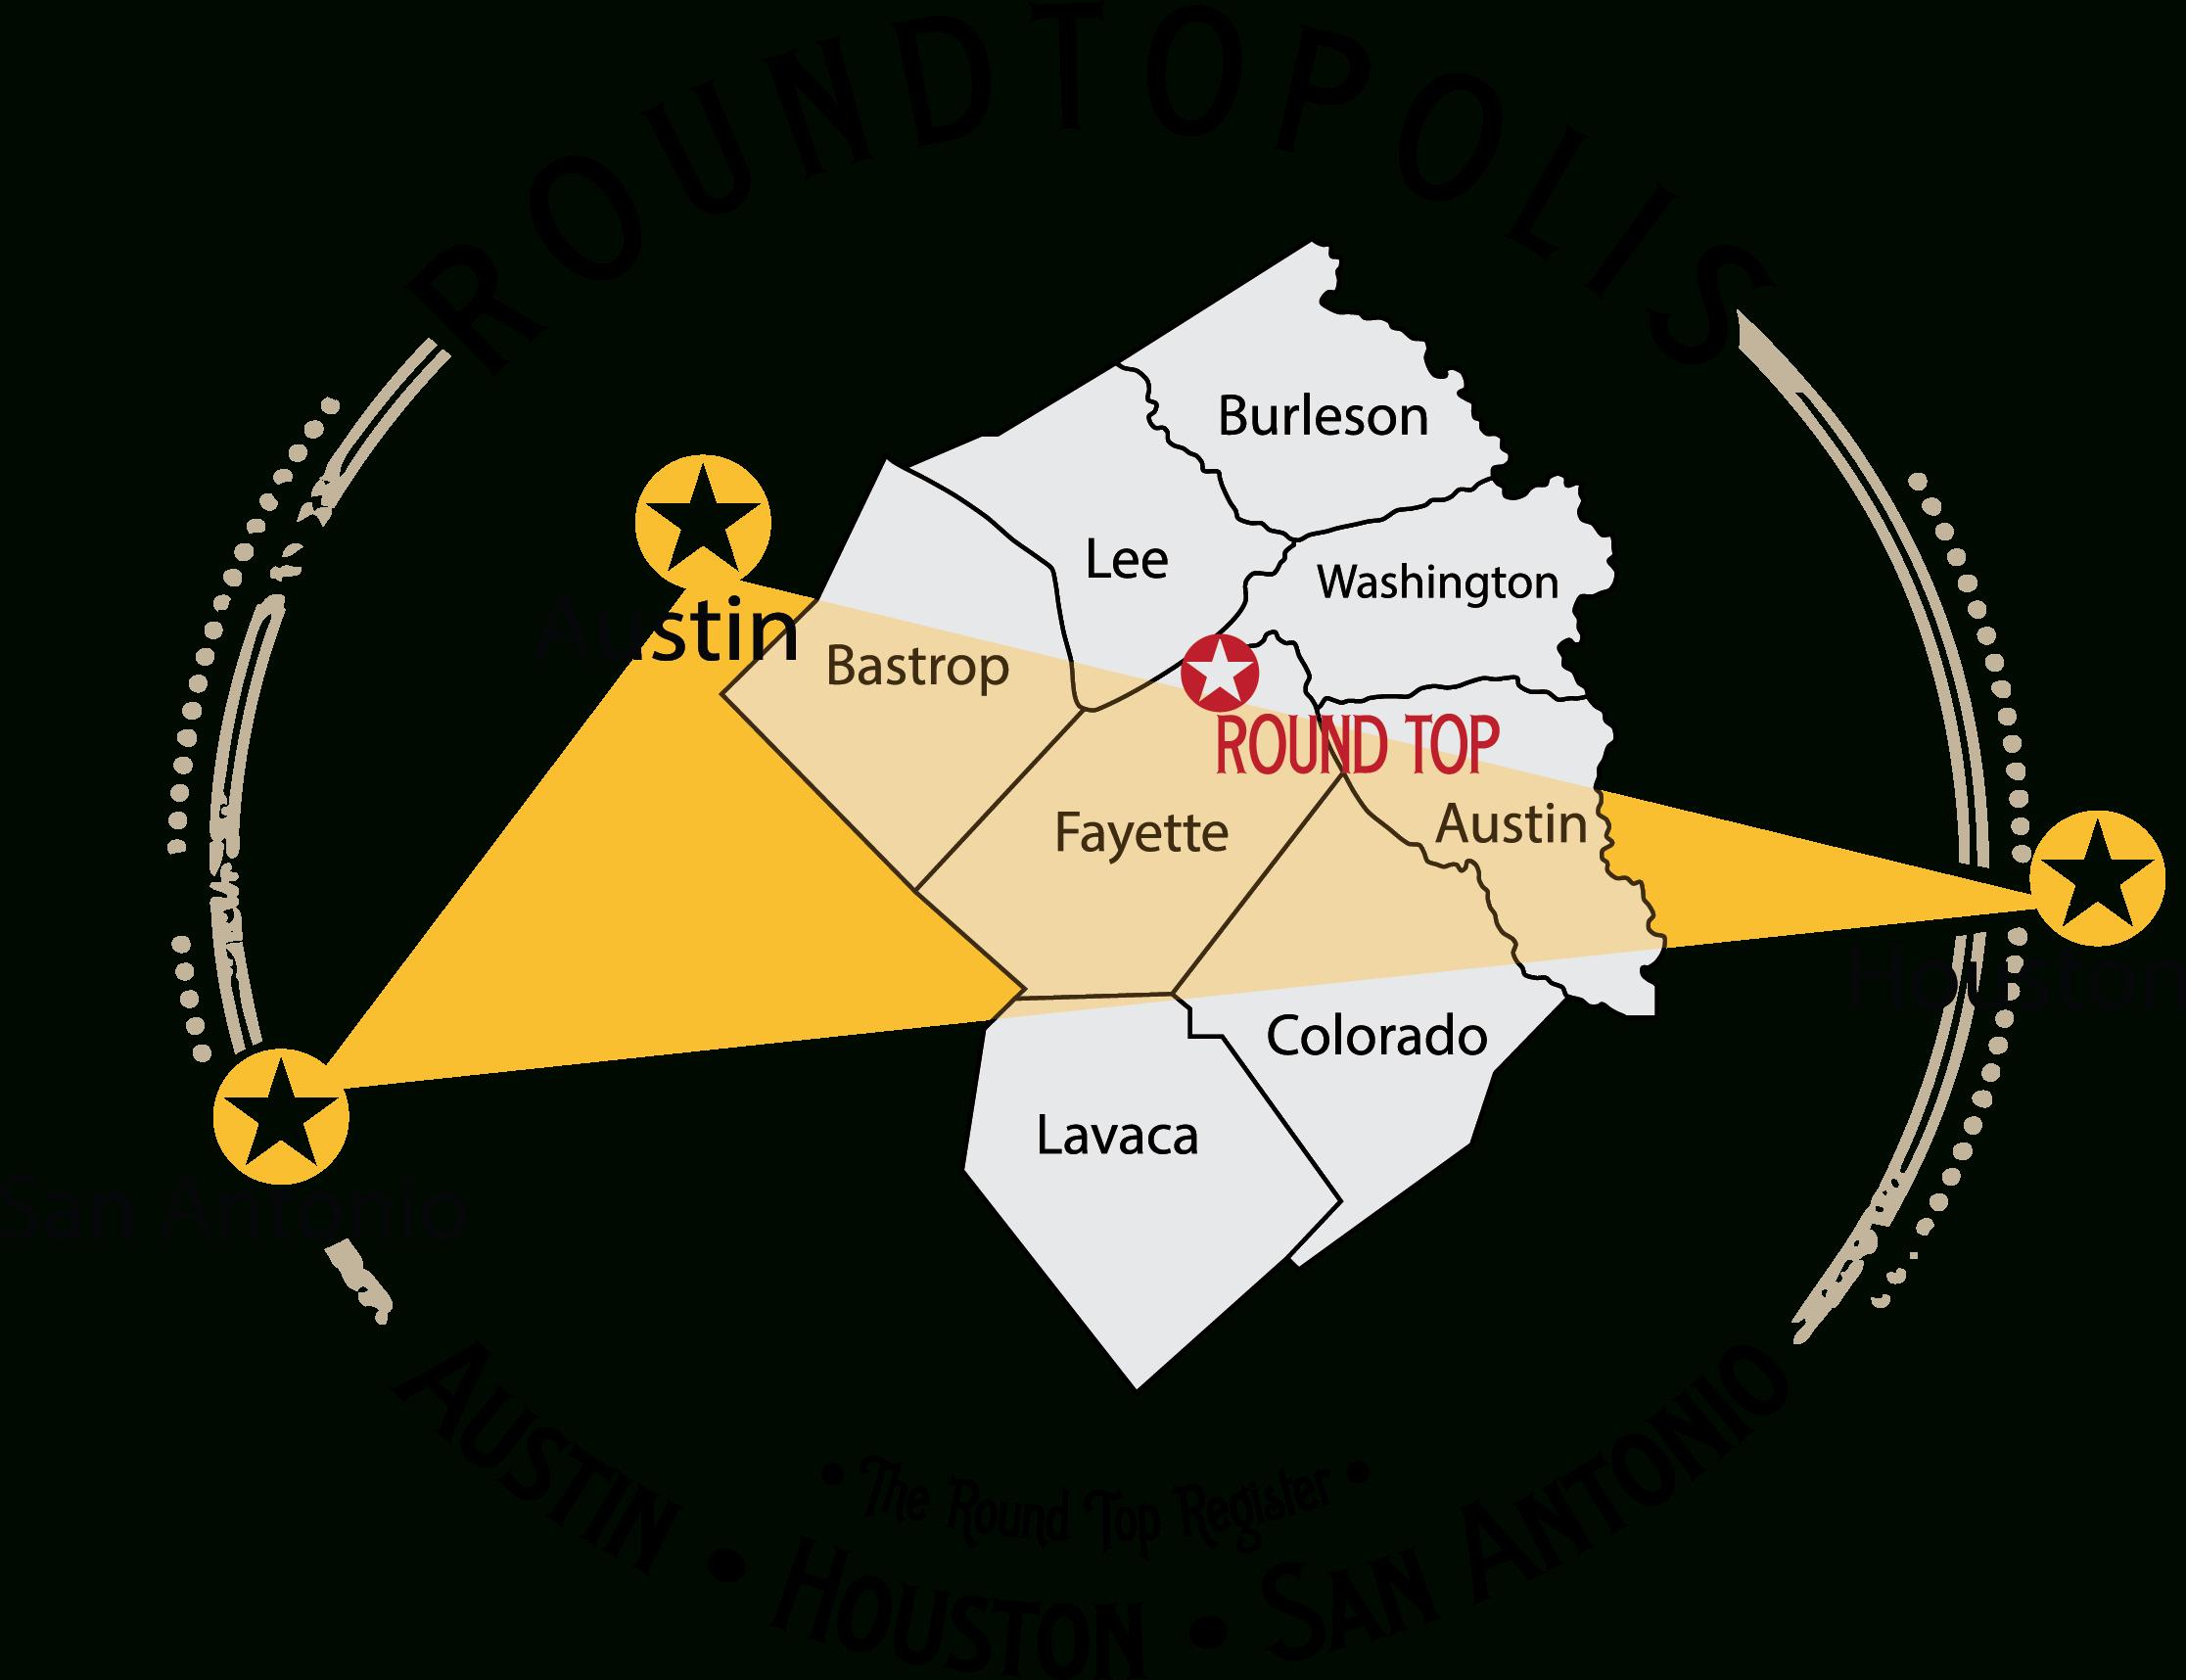 Roundtopolis Map (1) - Round Top - Round Top Texas Map